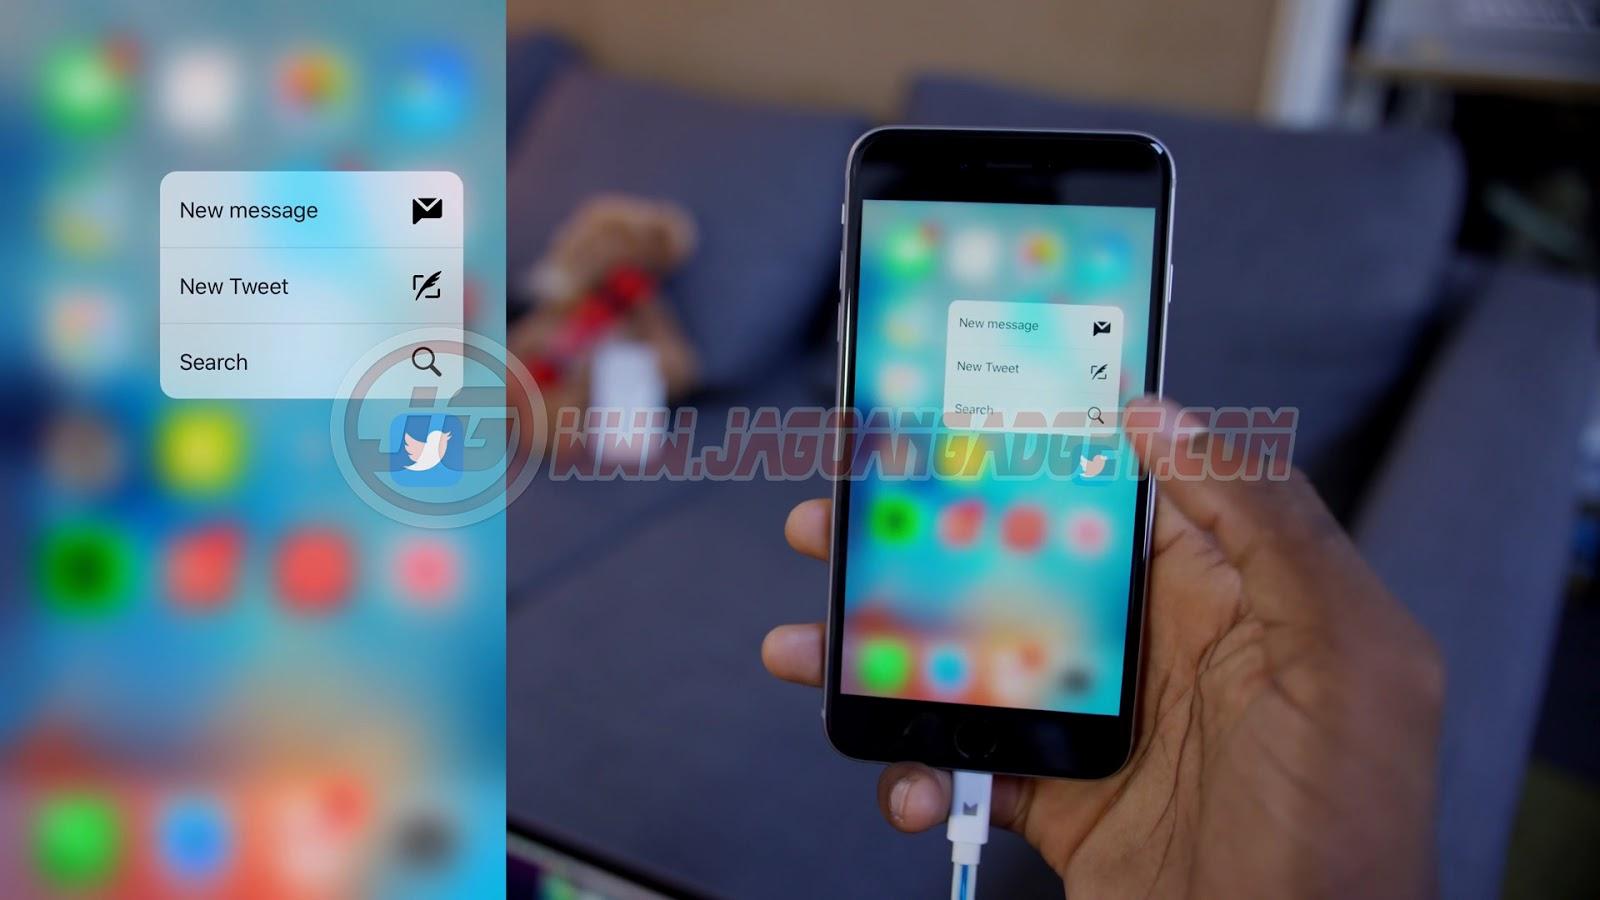 official photos 13eb8 33d9b Jual iPhone 6S BM Original Garansi Internasional, Paling MURAH ...